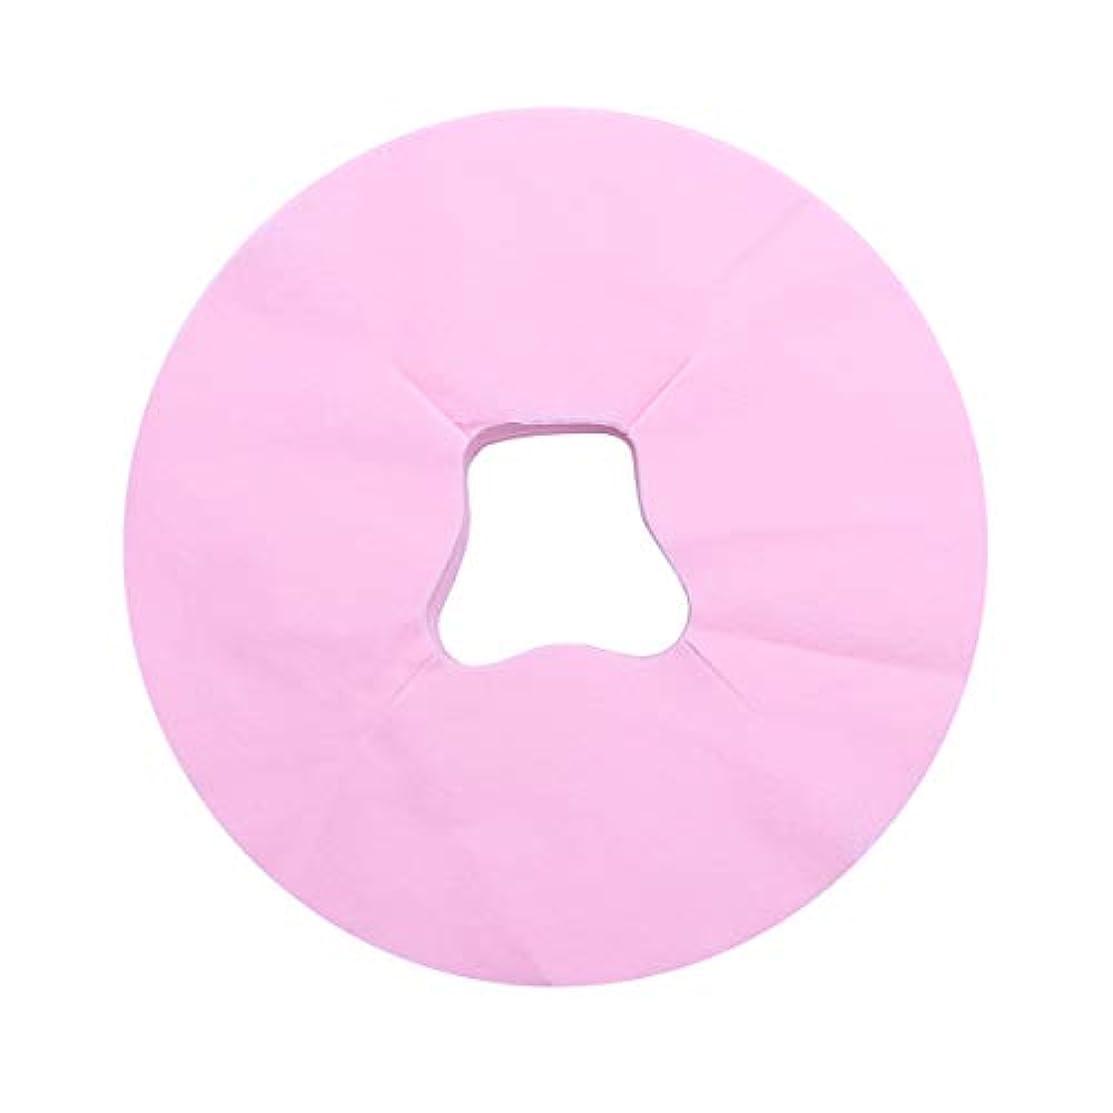 記憶に残る避難するぼろHealifty 100ピース使い捨てフェイスマッサージカバーパッドフェイスホールピロークッションマットサロンスパフェイシャルベッドヘッドレスト枕シート(ピンク)